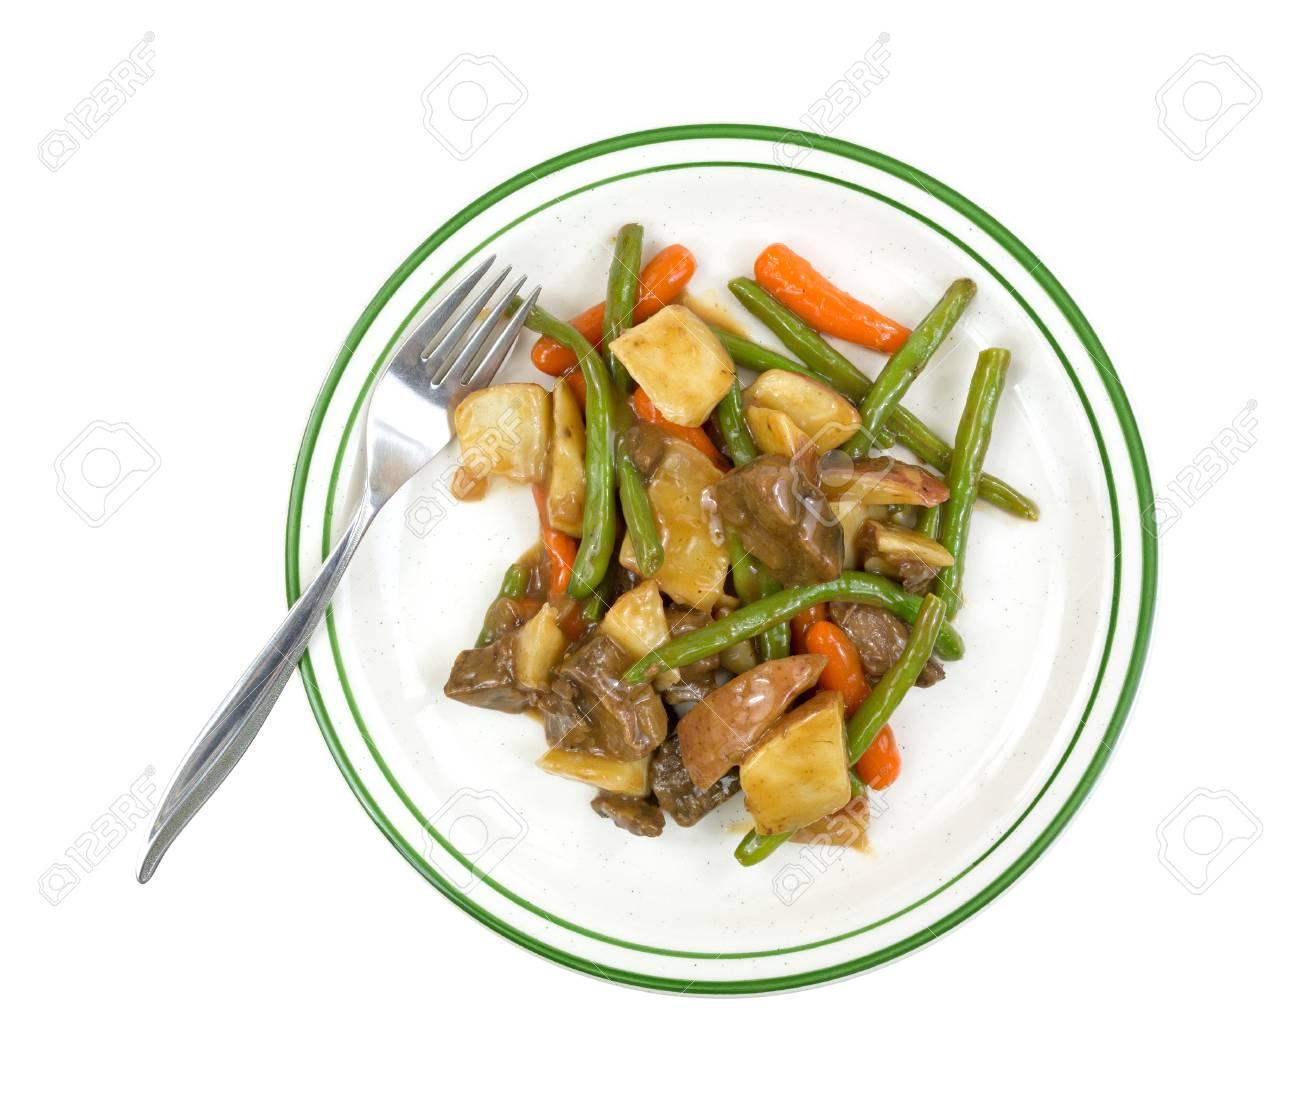 Vue De Dessus D Un Diner Regime De Tv De Boeuf Et De Legumes Dans